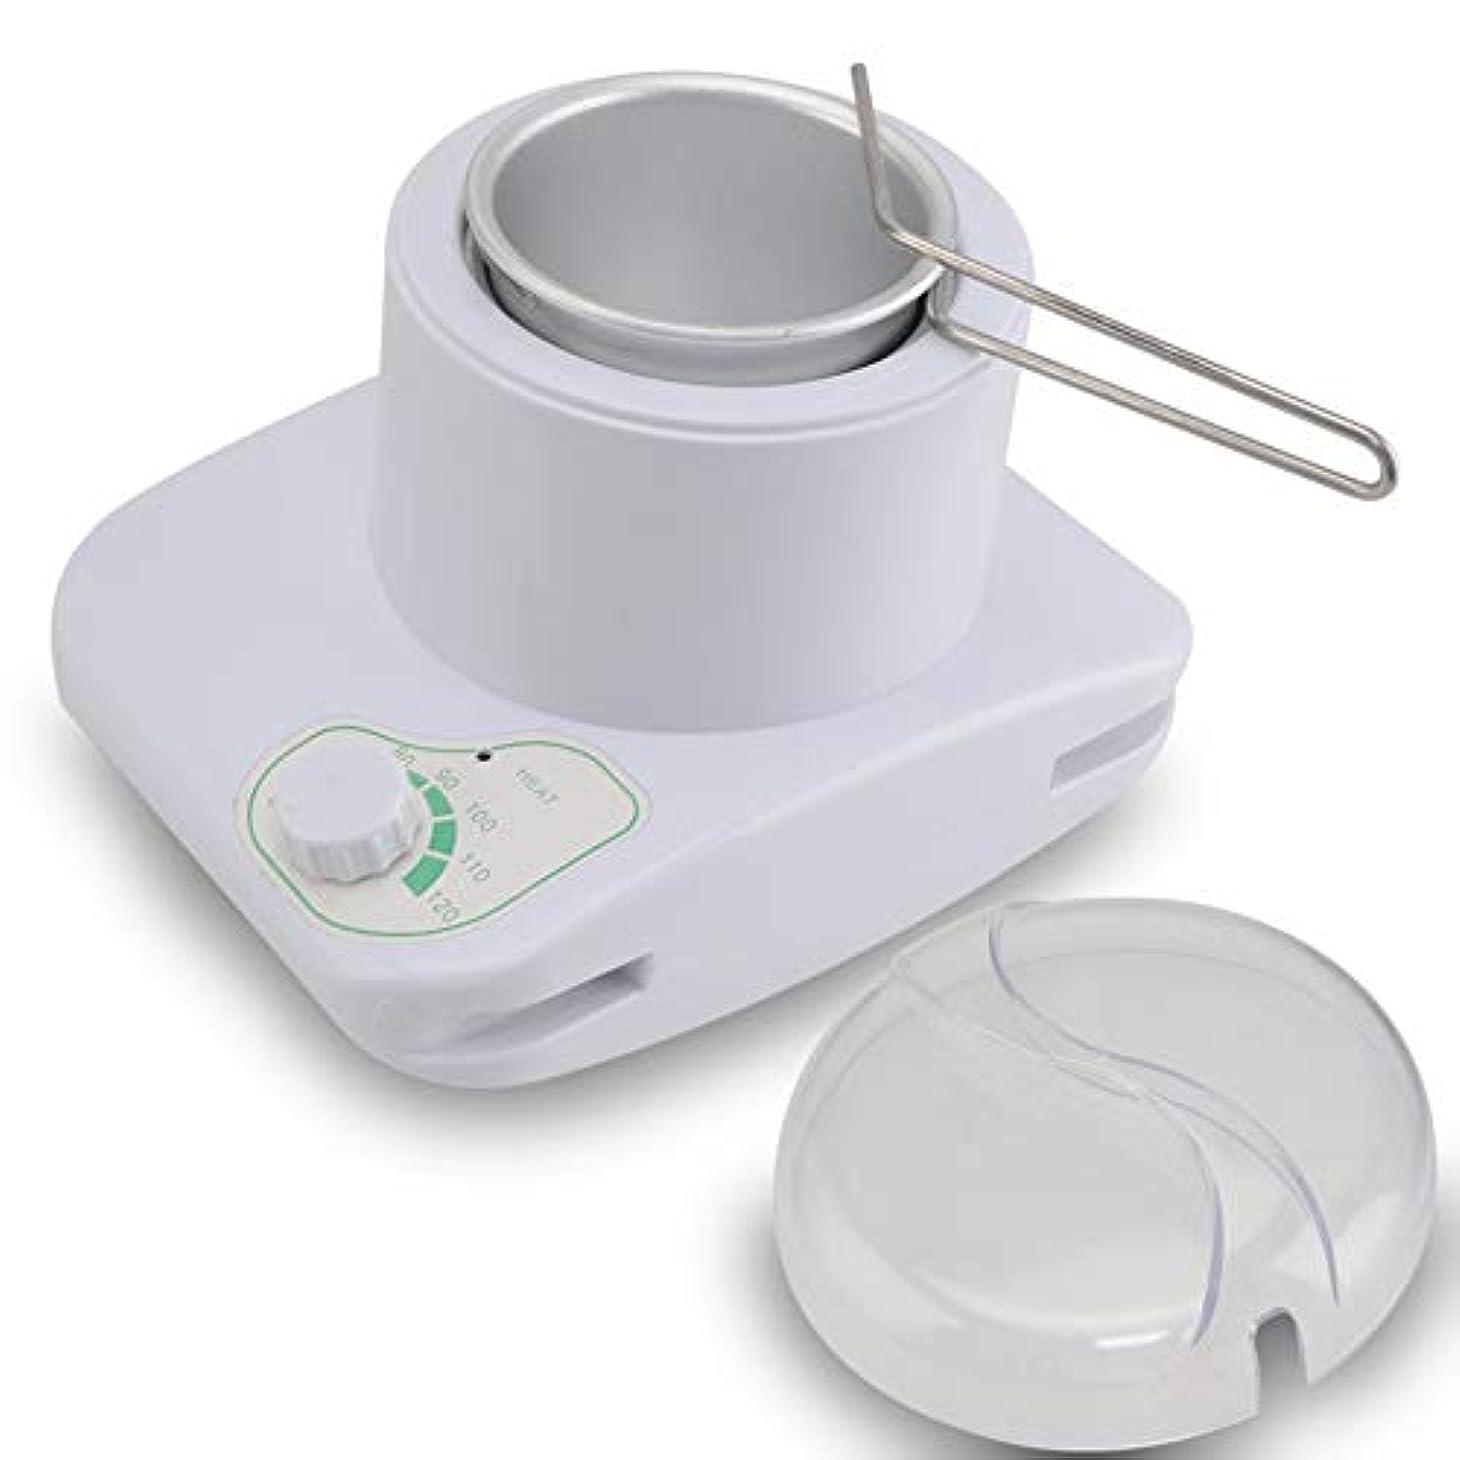 前件補足排除する脱毛のための温度制御室のためのワックス脱毛ワックスヒーターパラフィンヒーターを加熱する電気ワックスマシン